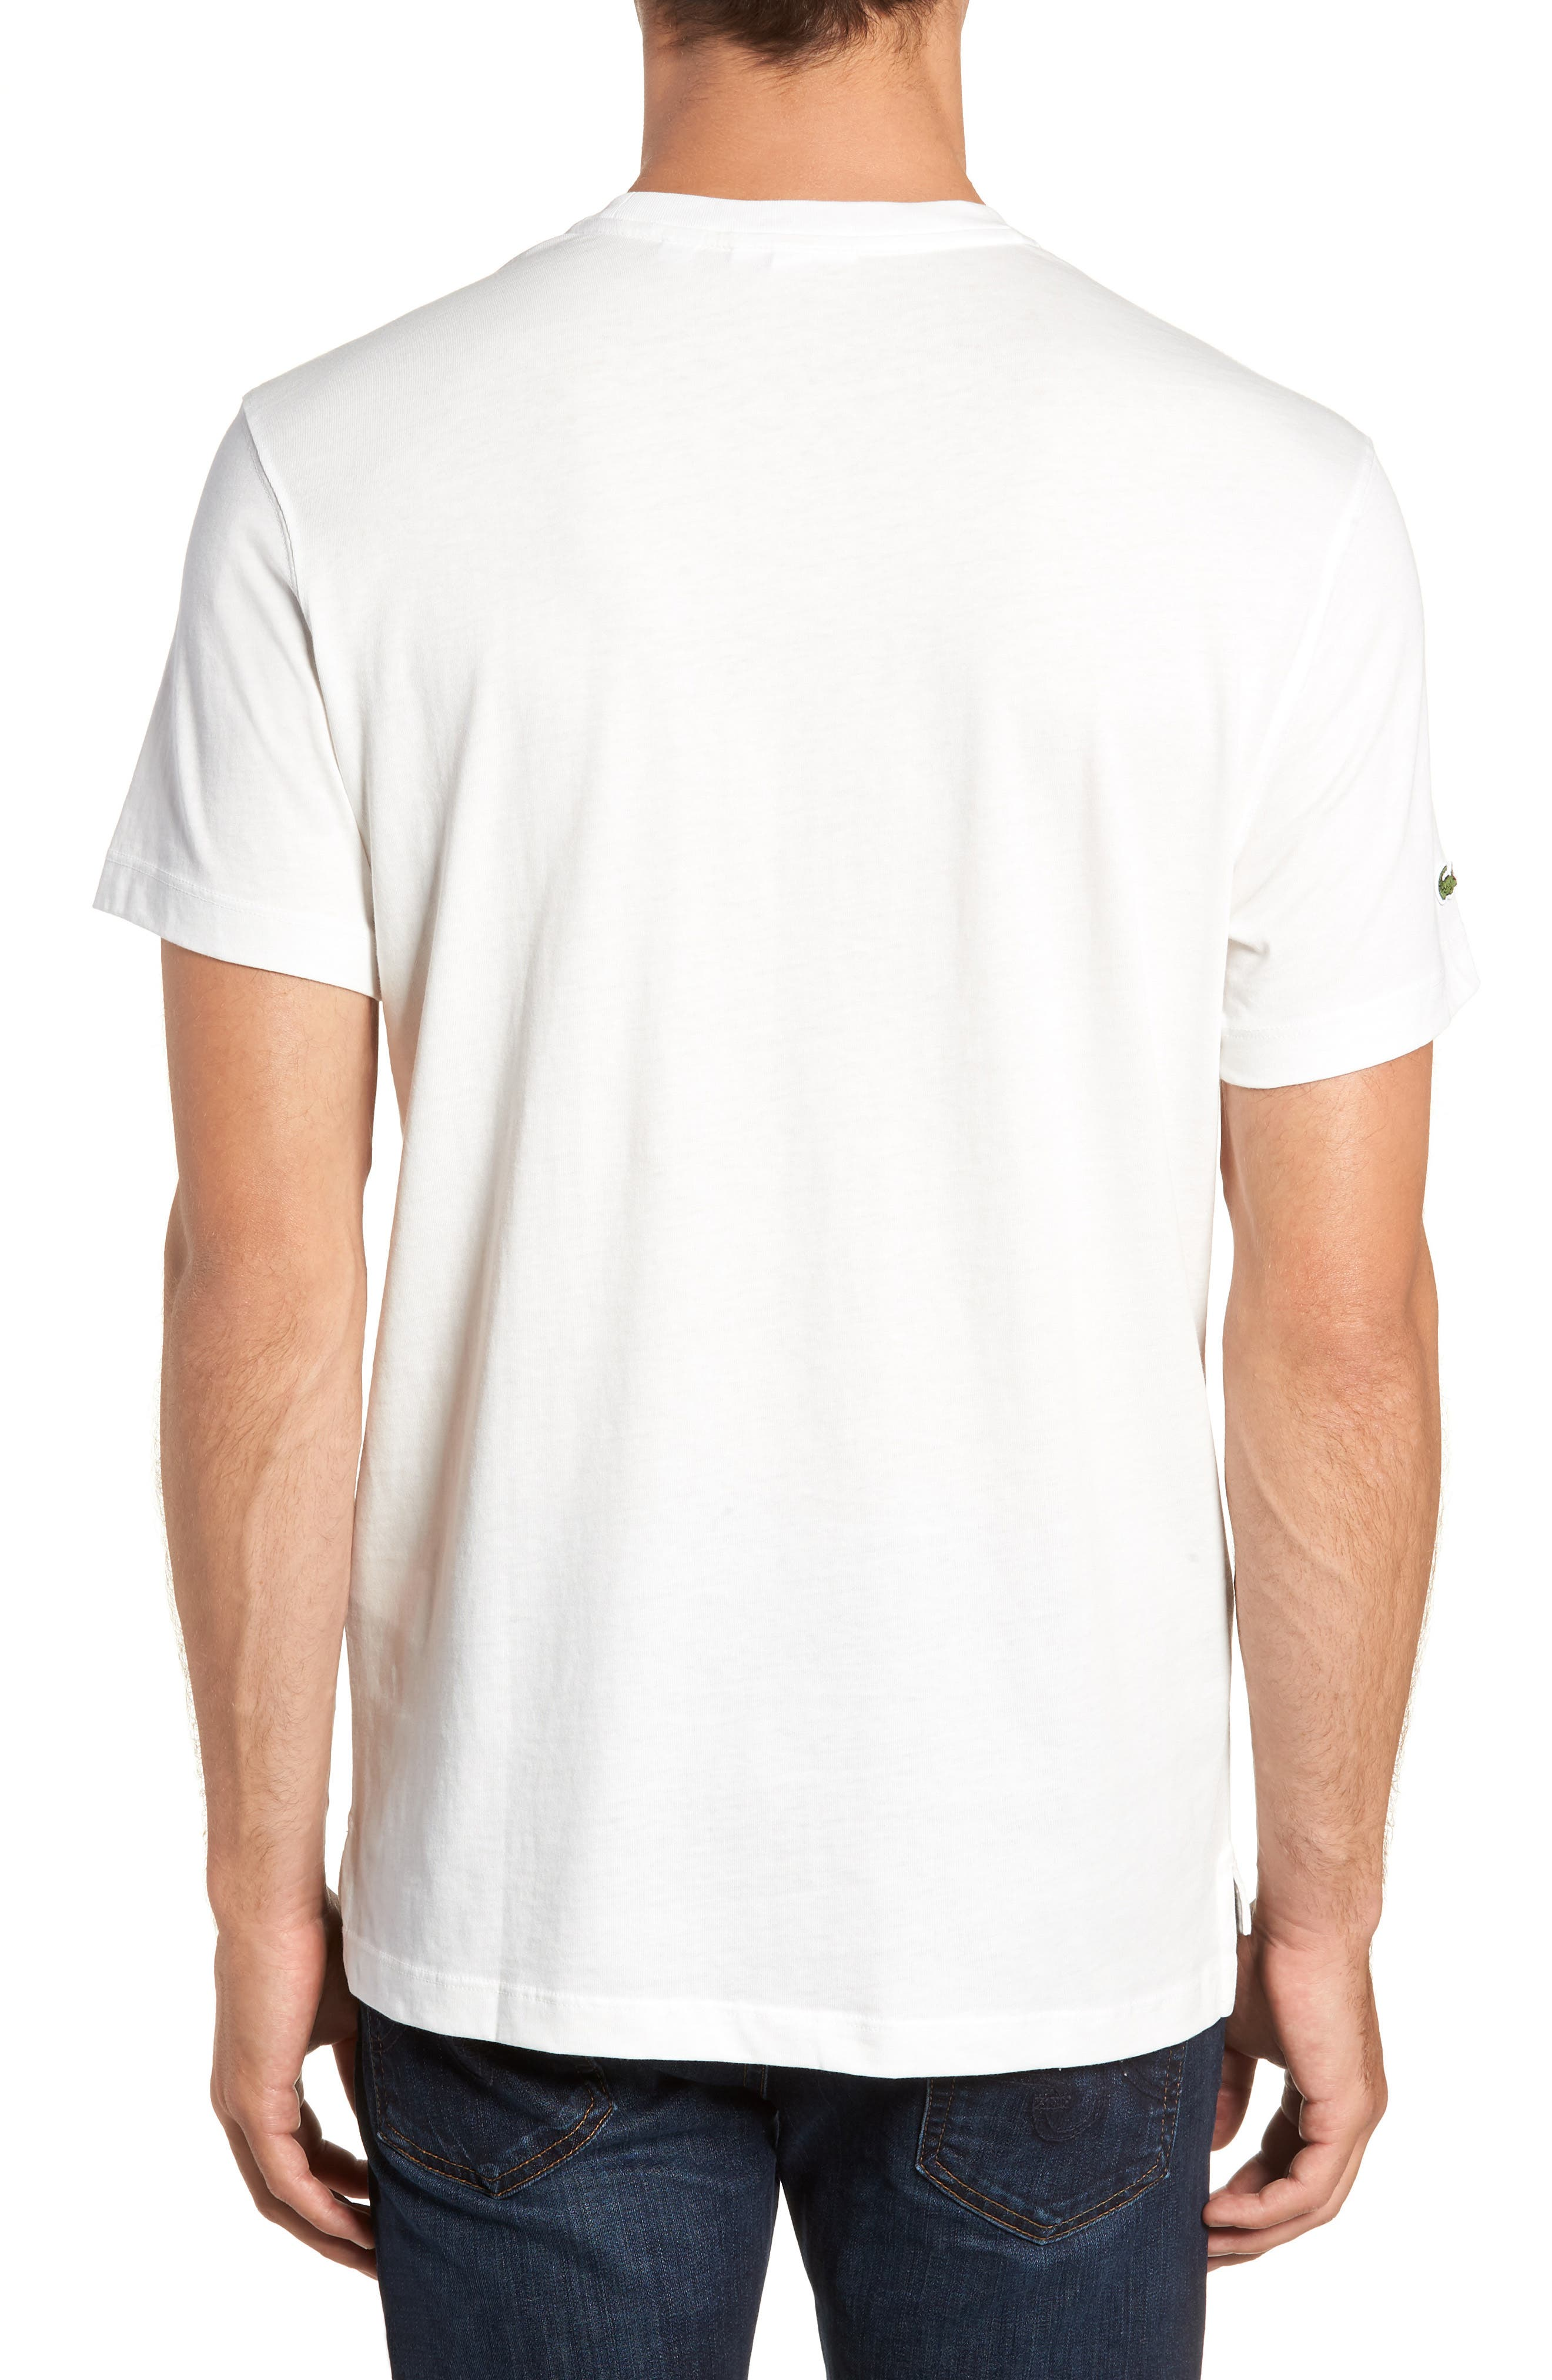 LACOSTE,                             Letter Graphic T-Shirt,                             Alternate thumbnail 2, color,                             104